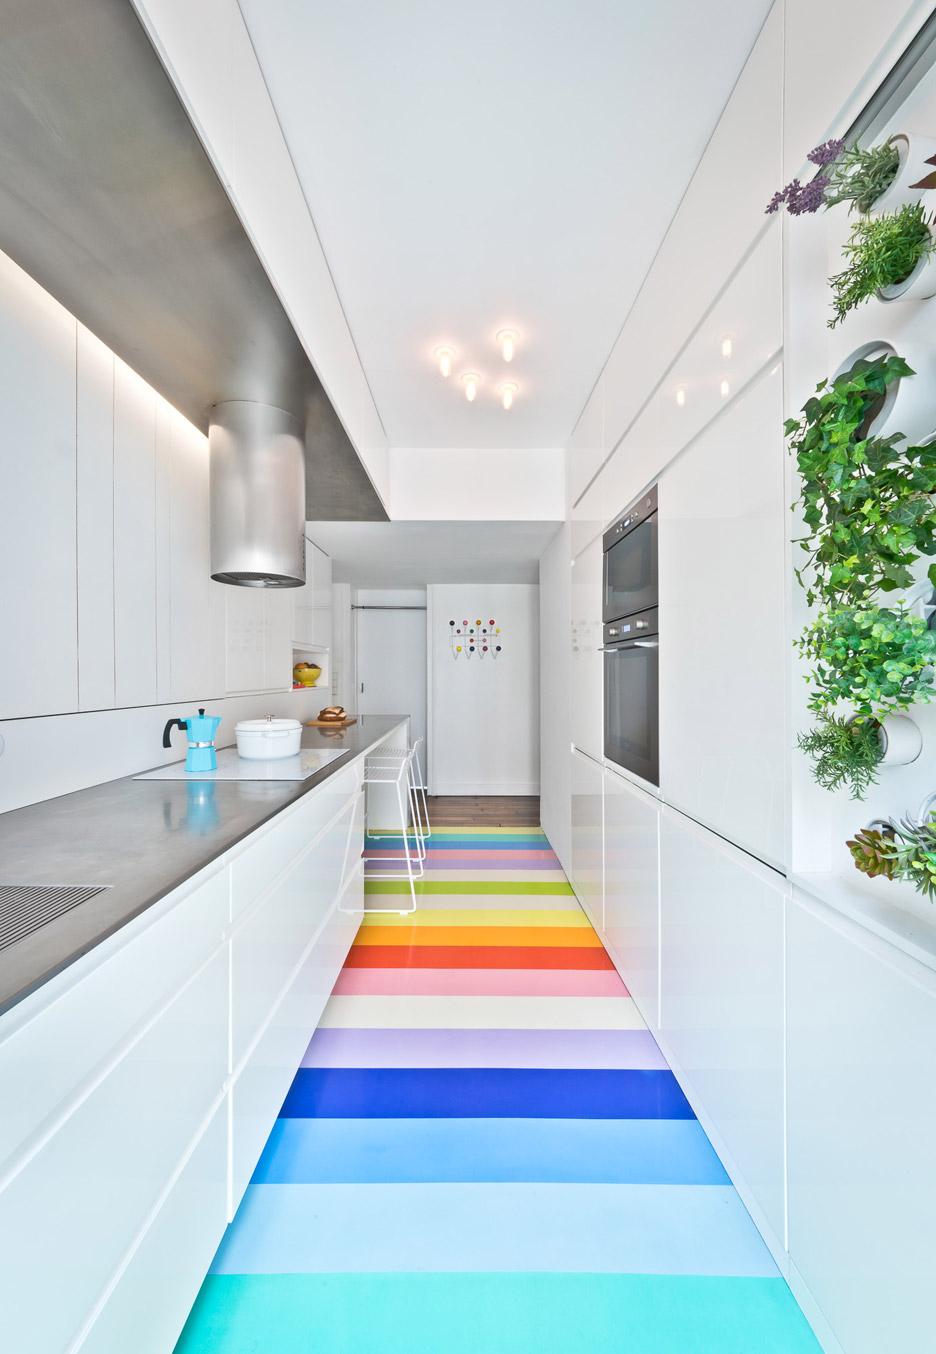 Aposte na aplicação de cores no chão na sua cozinha colorida